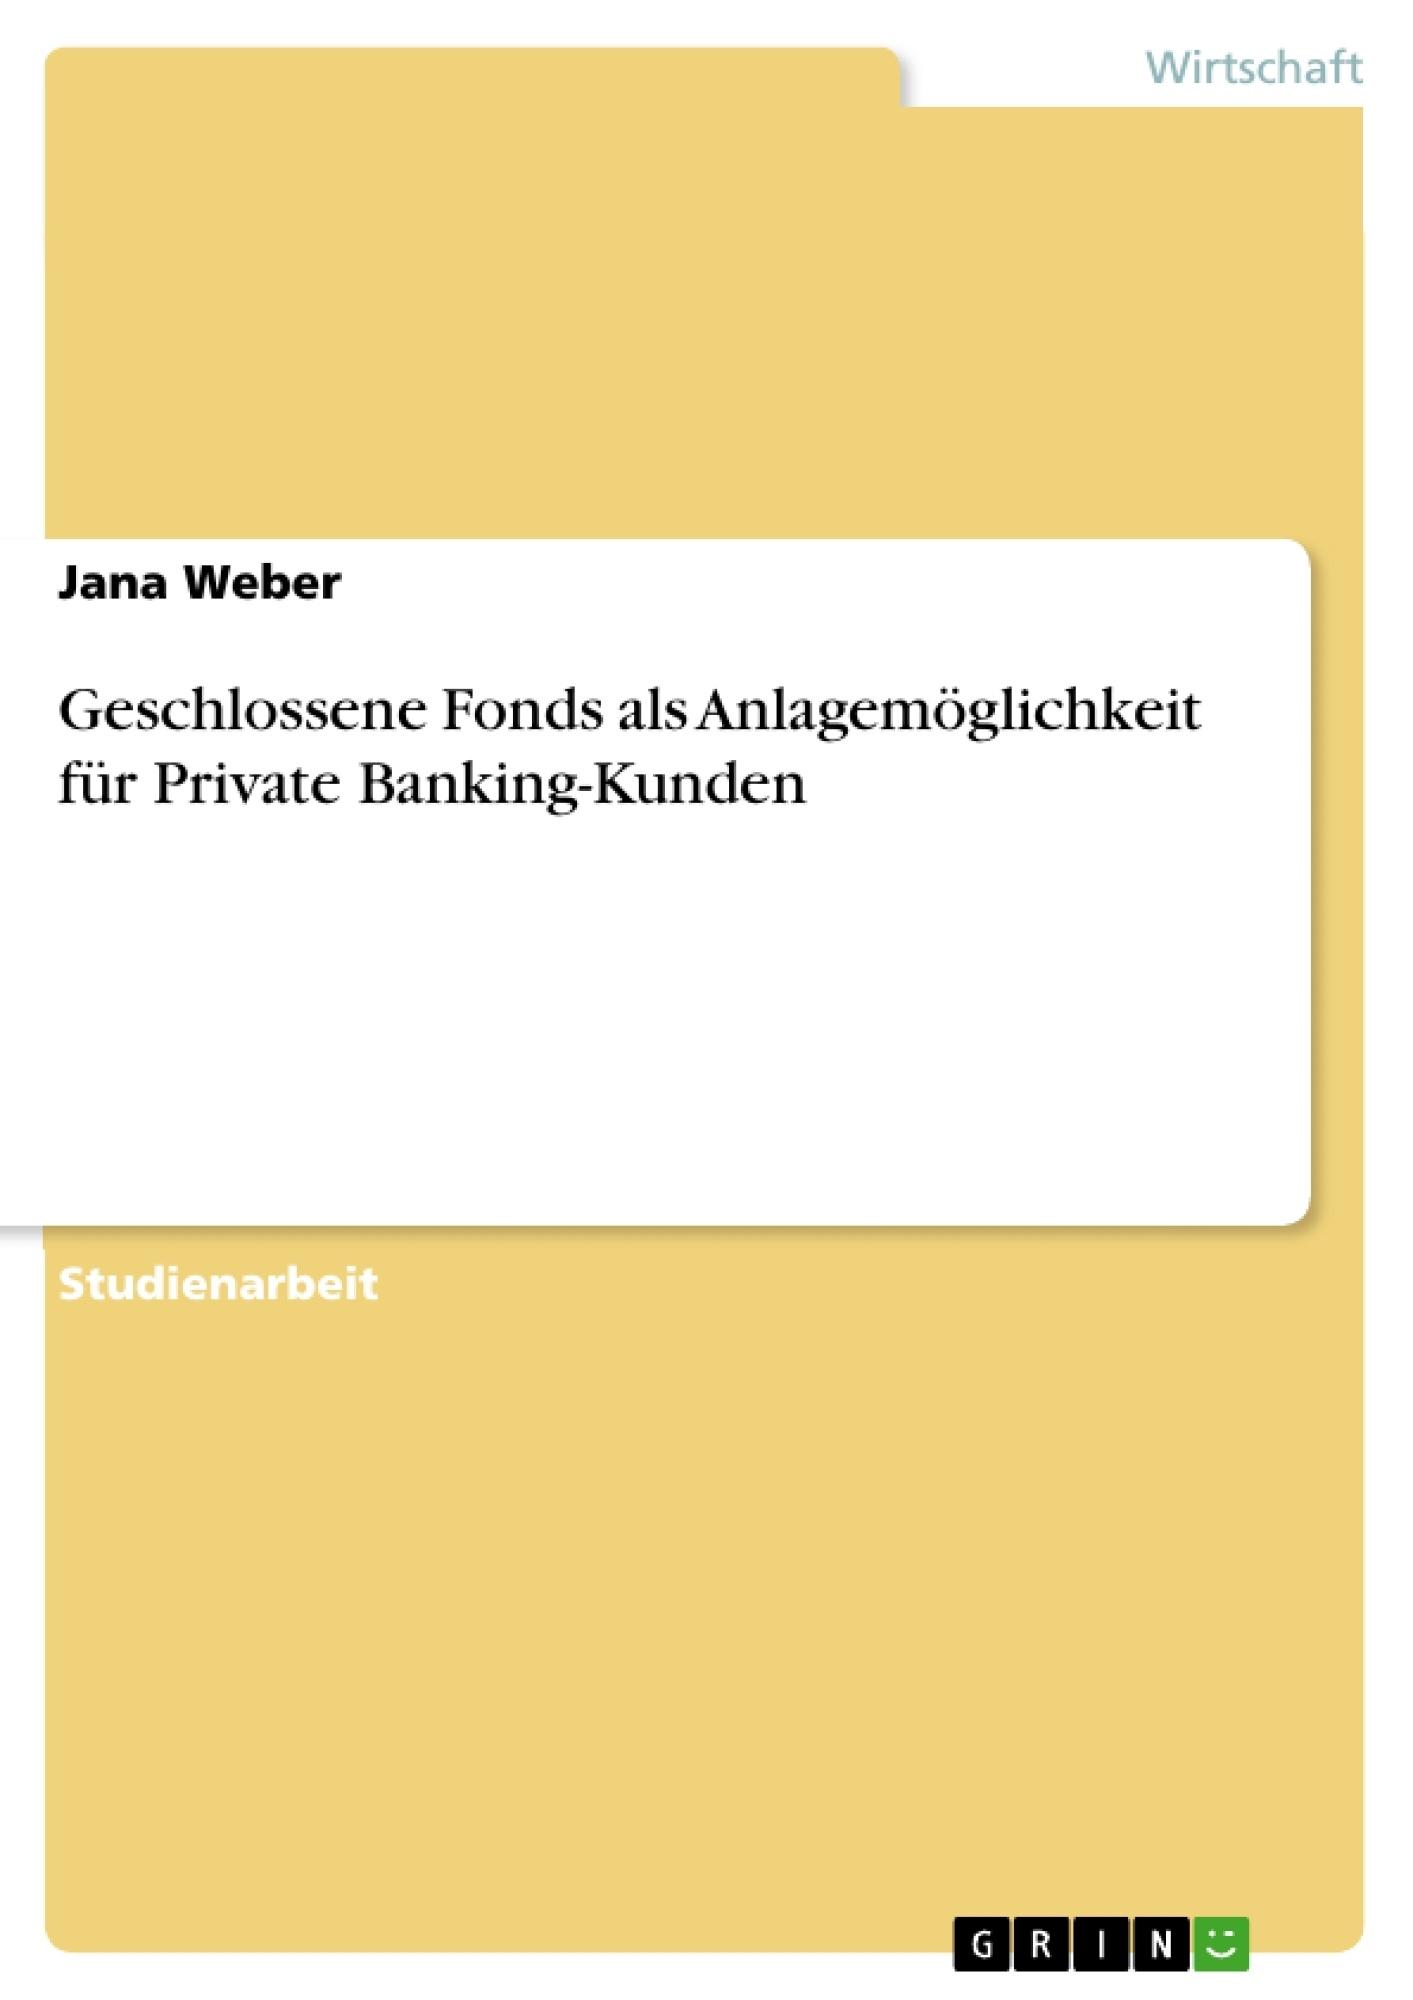 Titel: Geschlossene Fonds als Anlagemöglichkeit für Private Banking-Kunden